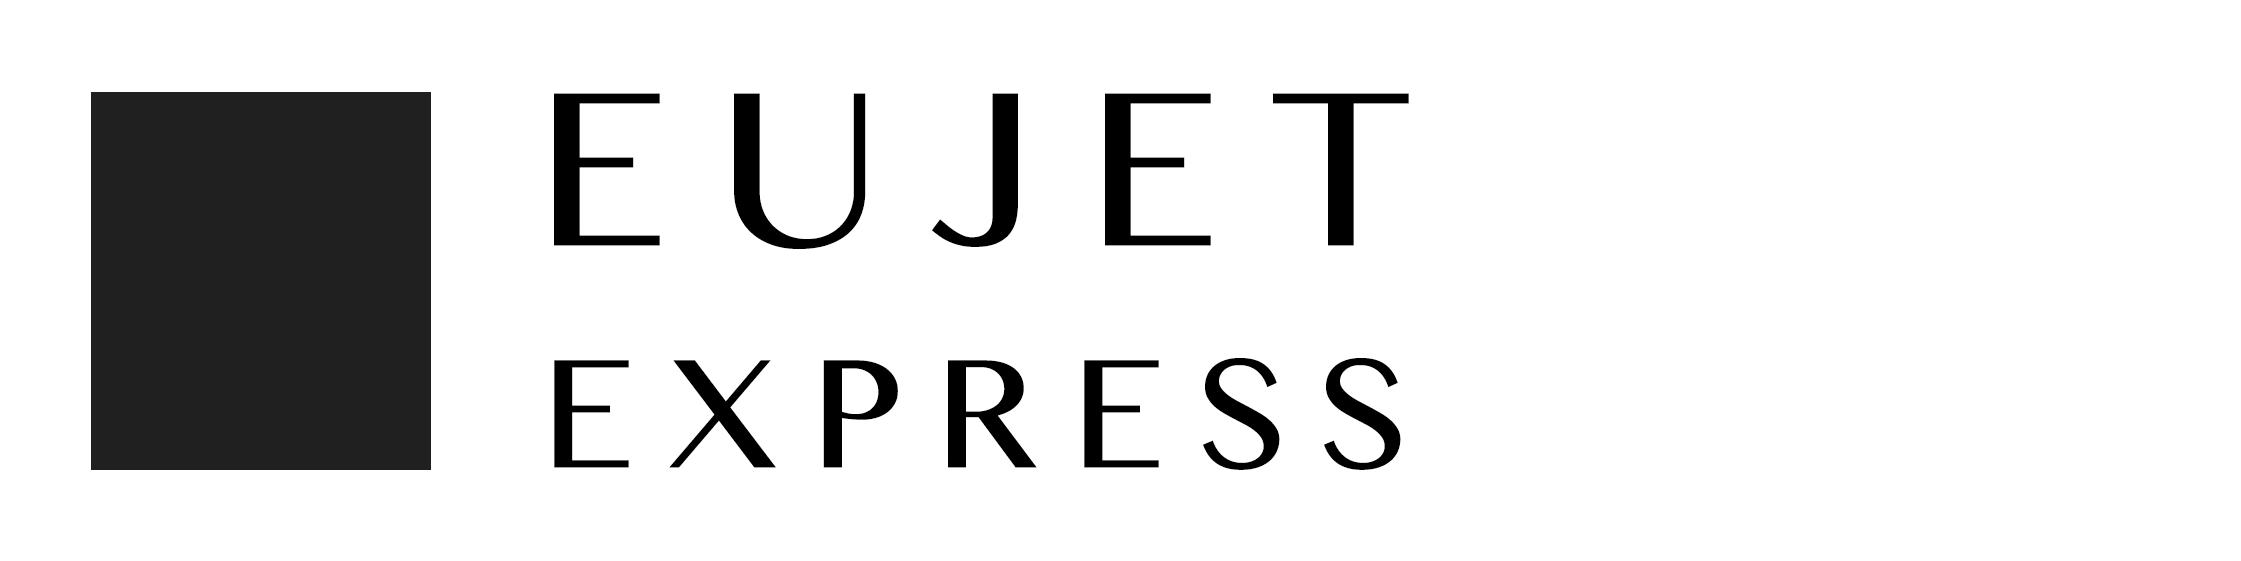 欧捷速运 – EUJet Express